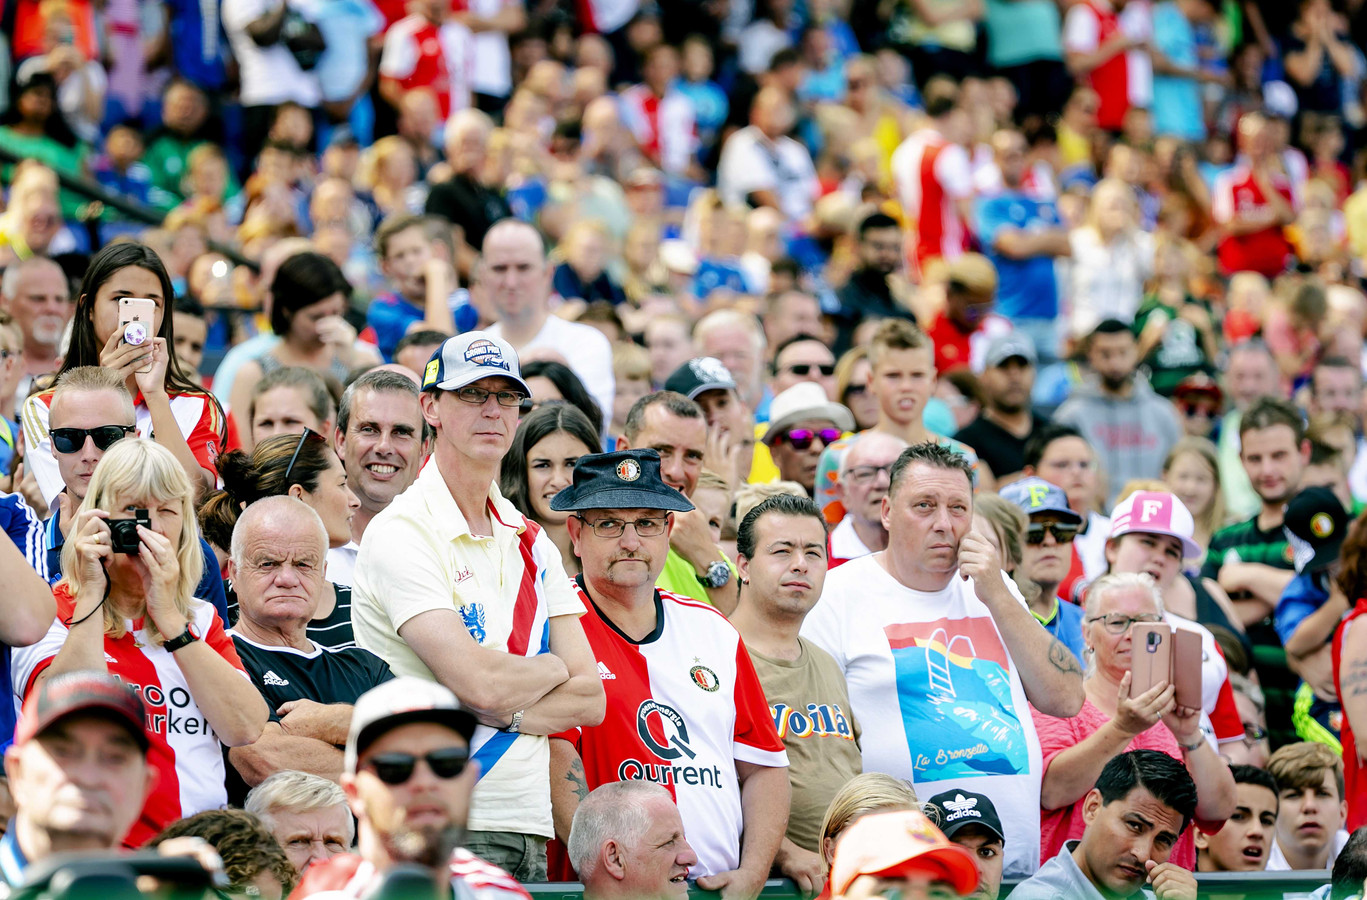 Fans van Feyenoord tijdens de jaarlijkse Open Dag.